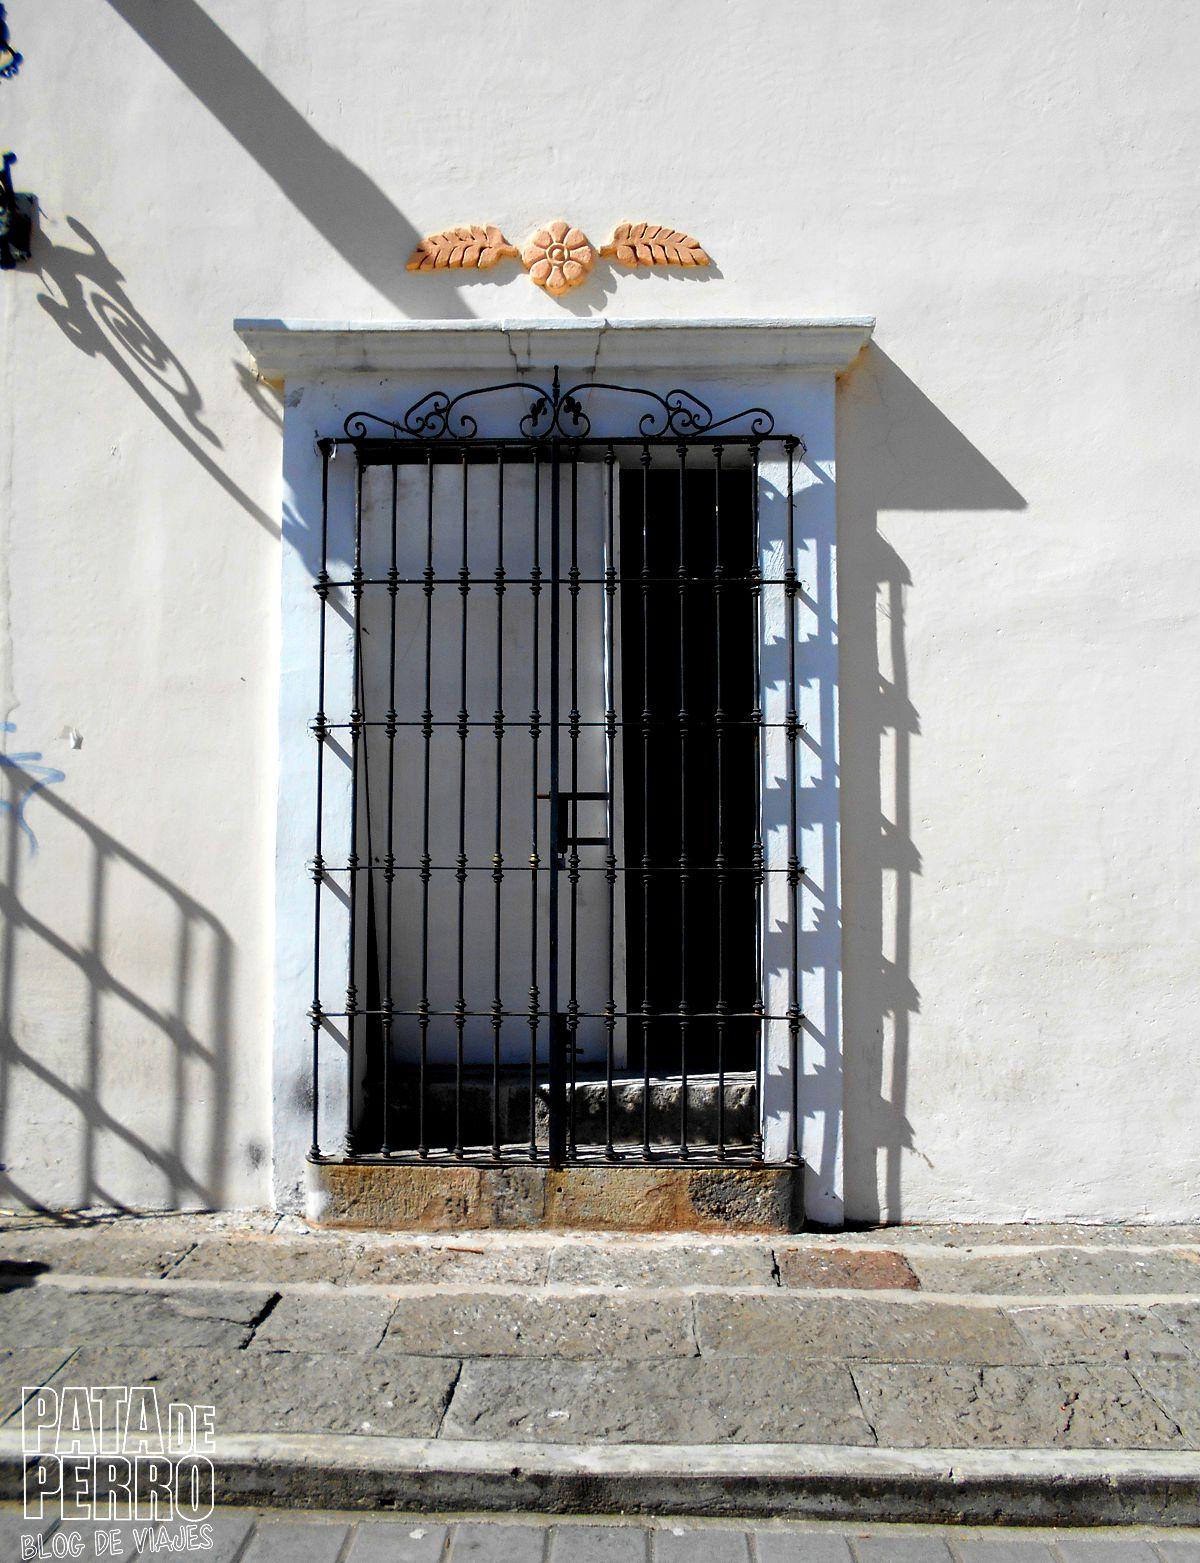 huejotzingo puebla mexico pata de perro blog de viajes26